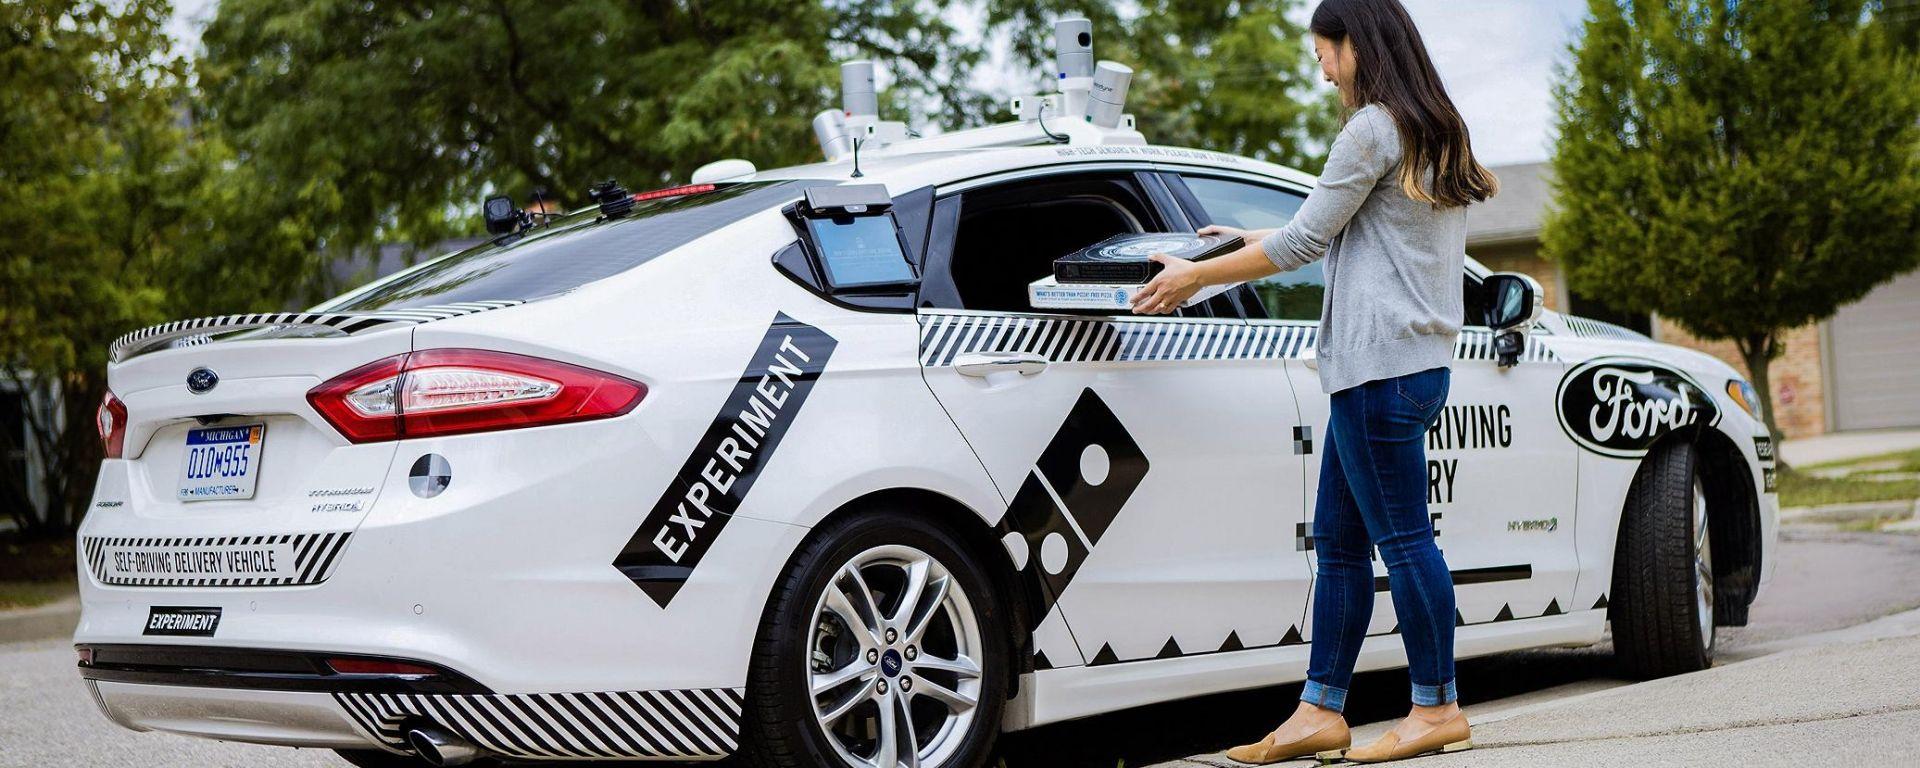 Ford e Domino's: una Fusion Hybrid autonoma per la consegna delle pizze